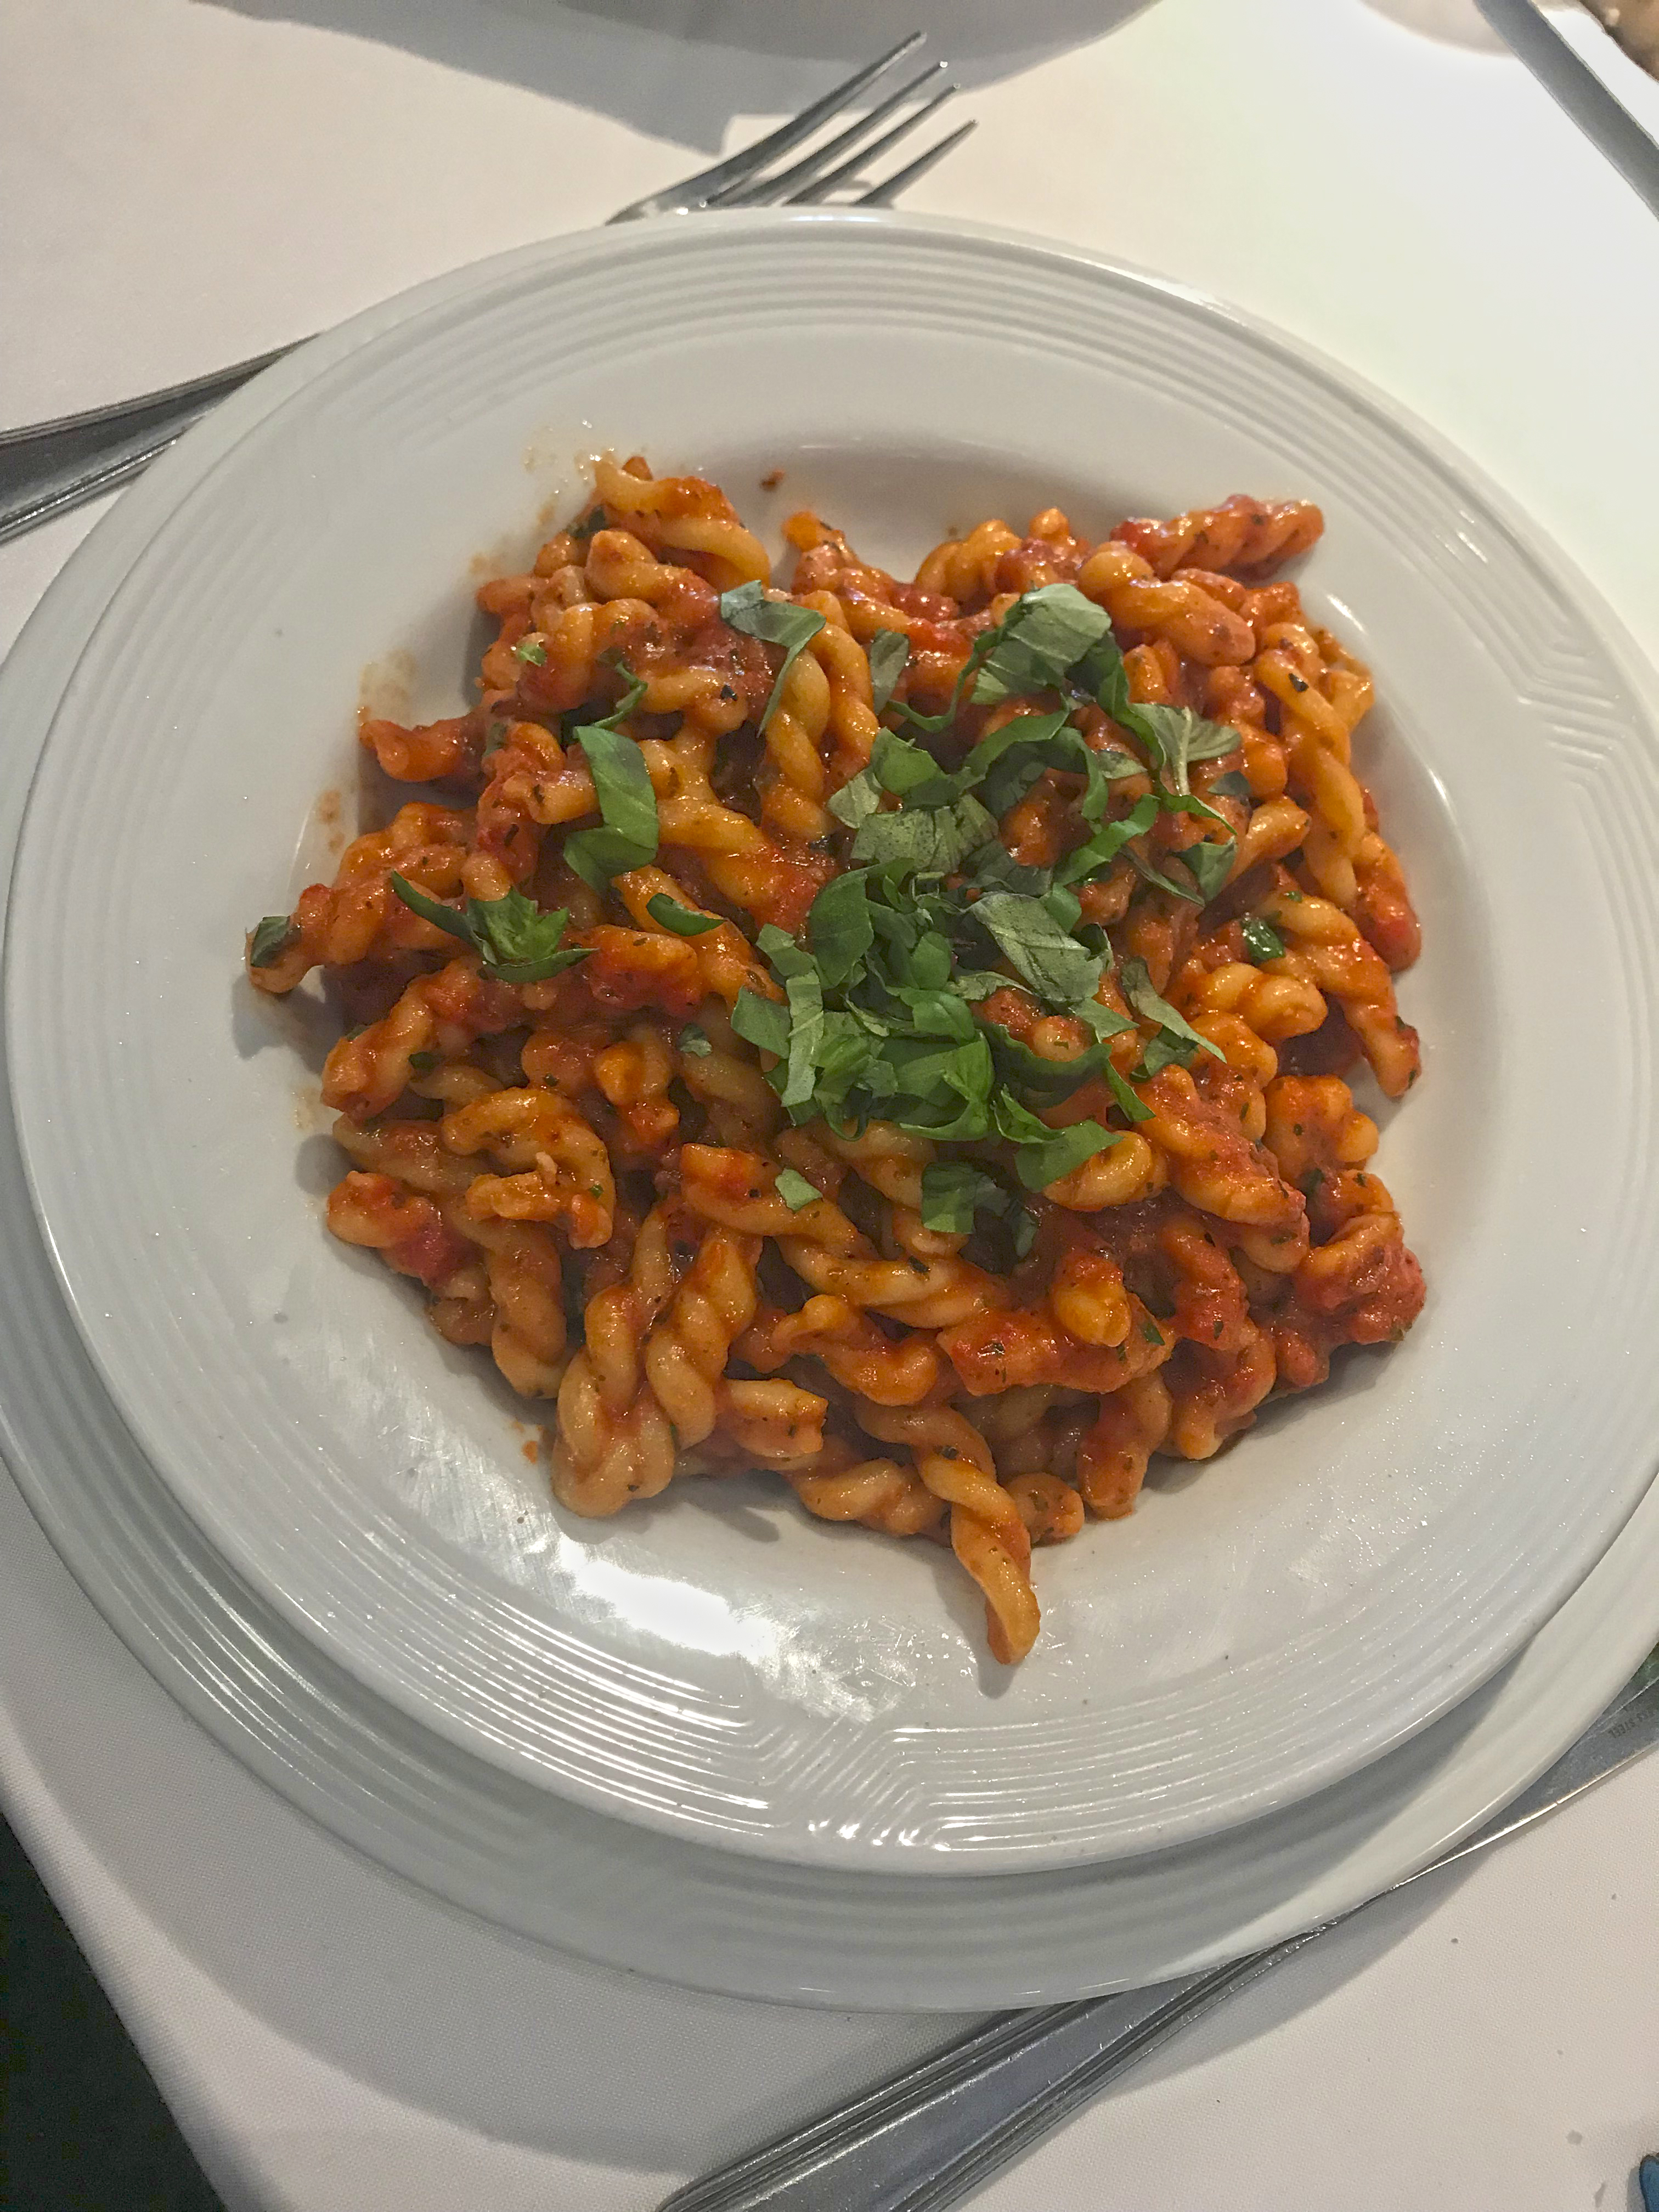 Mesa com prato de tagliolini com molho de tomate e folhas de manjericão.